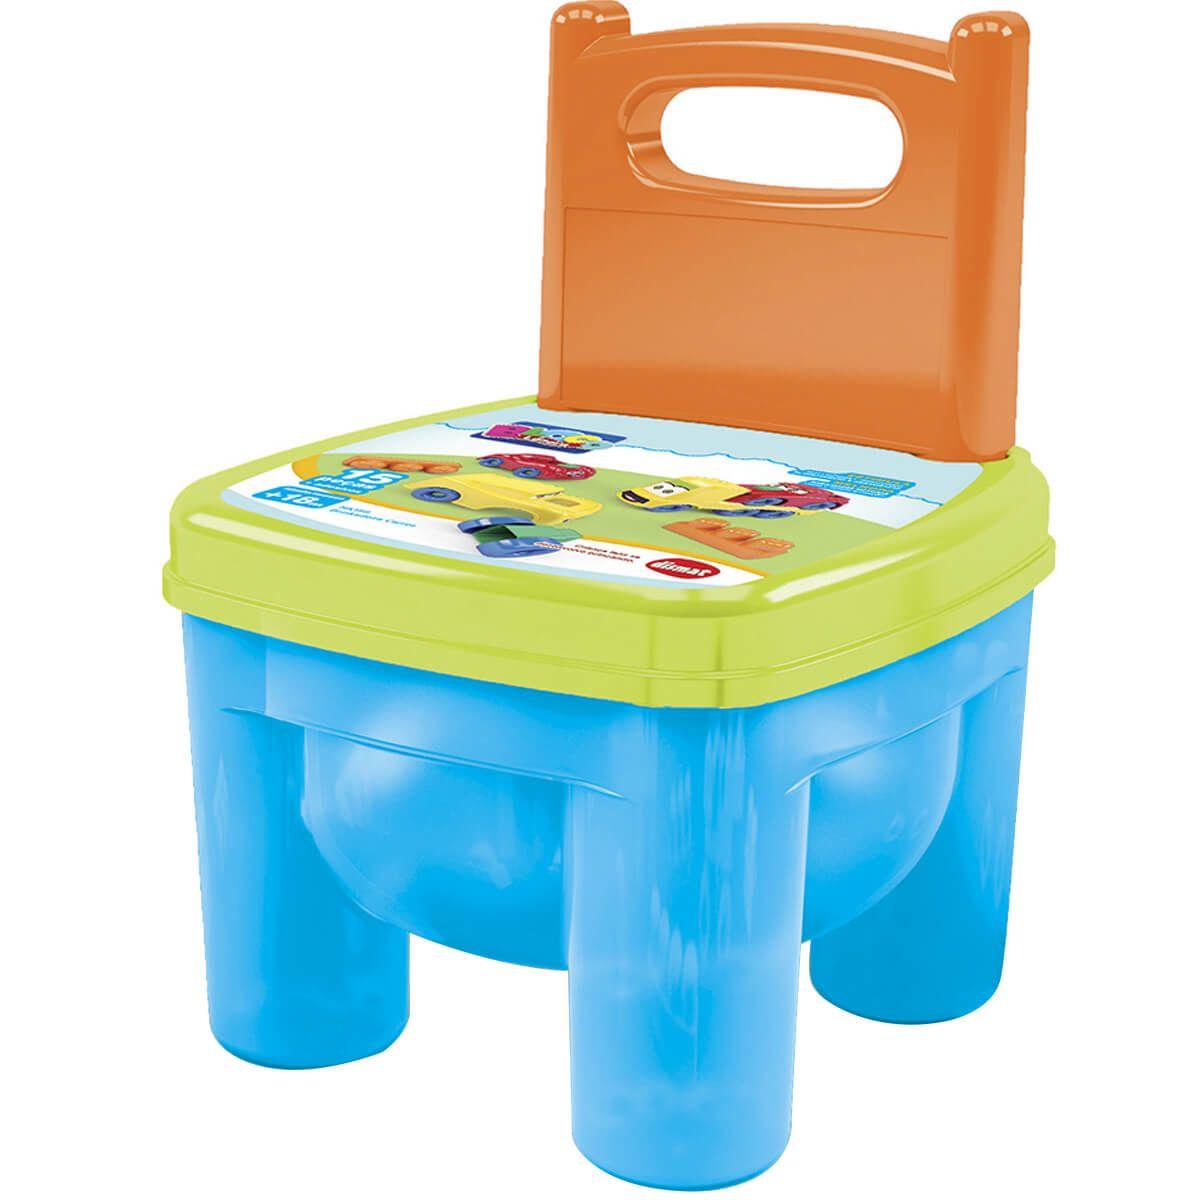 Cadeira Infantil Brinquedos Educativos Peças Montar Encaixe